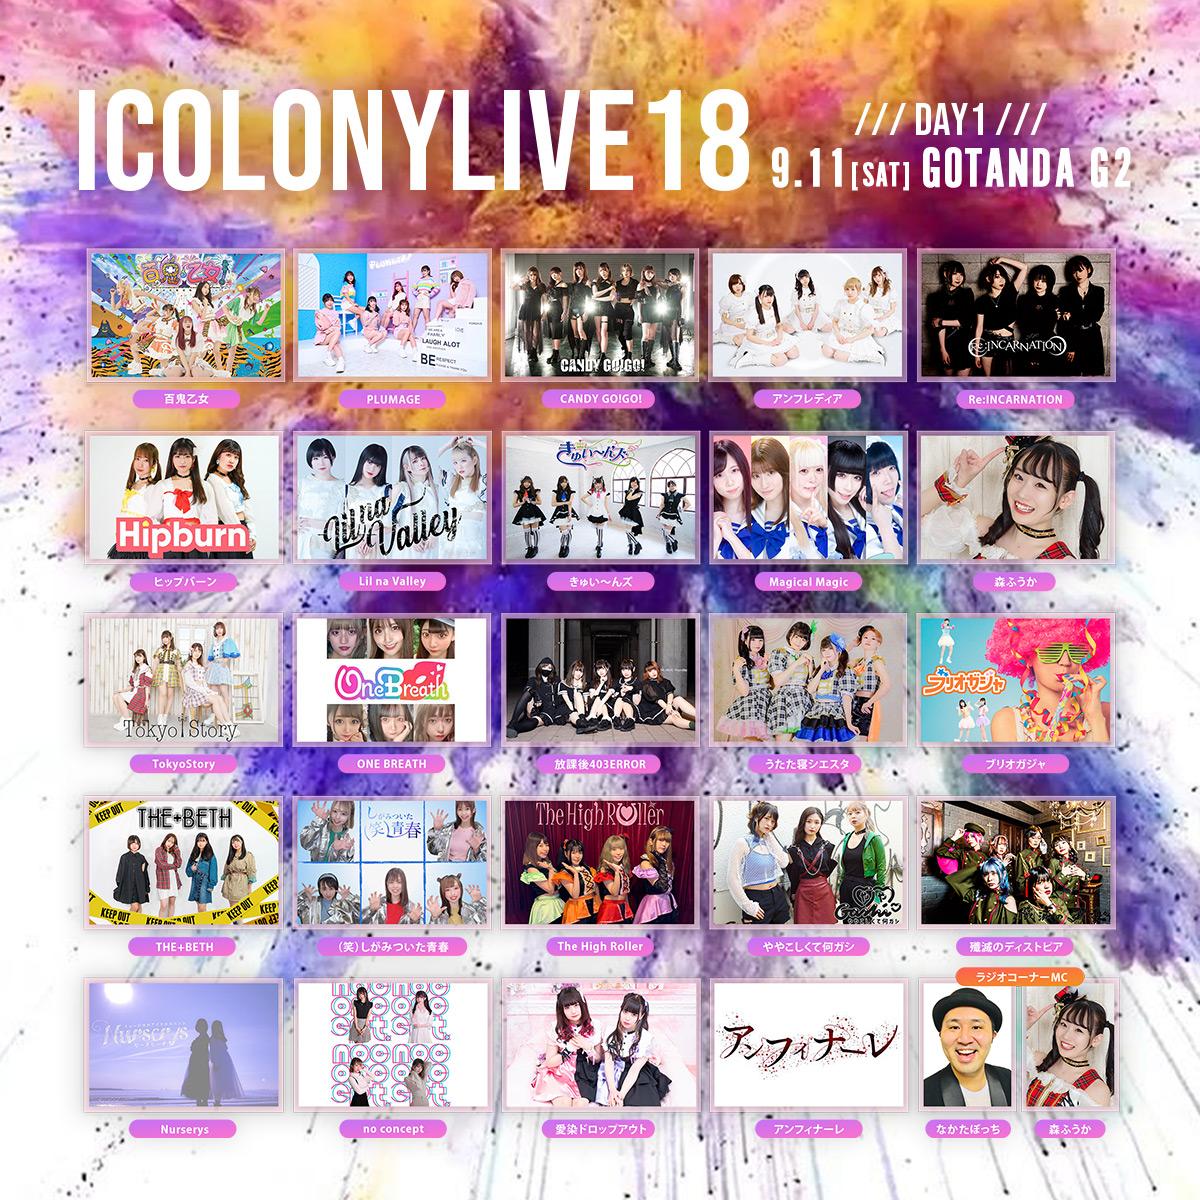 iColony LIVE 18 // DAY1